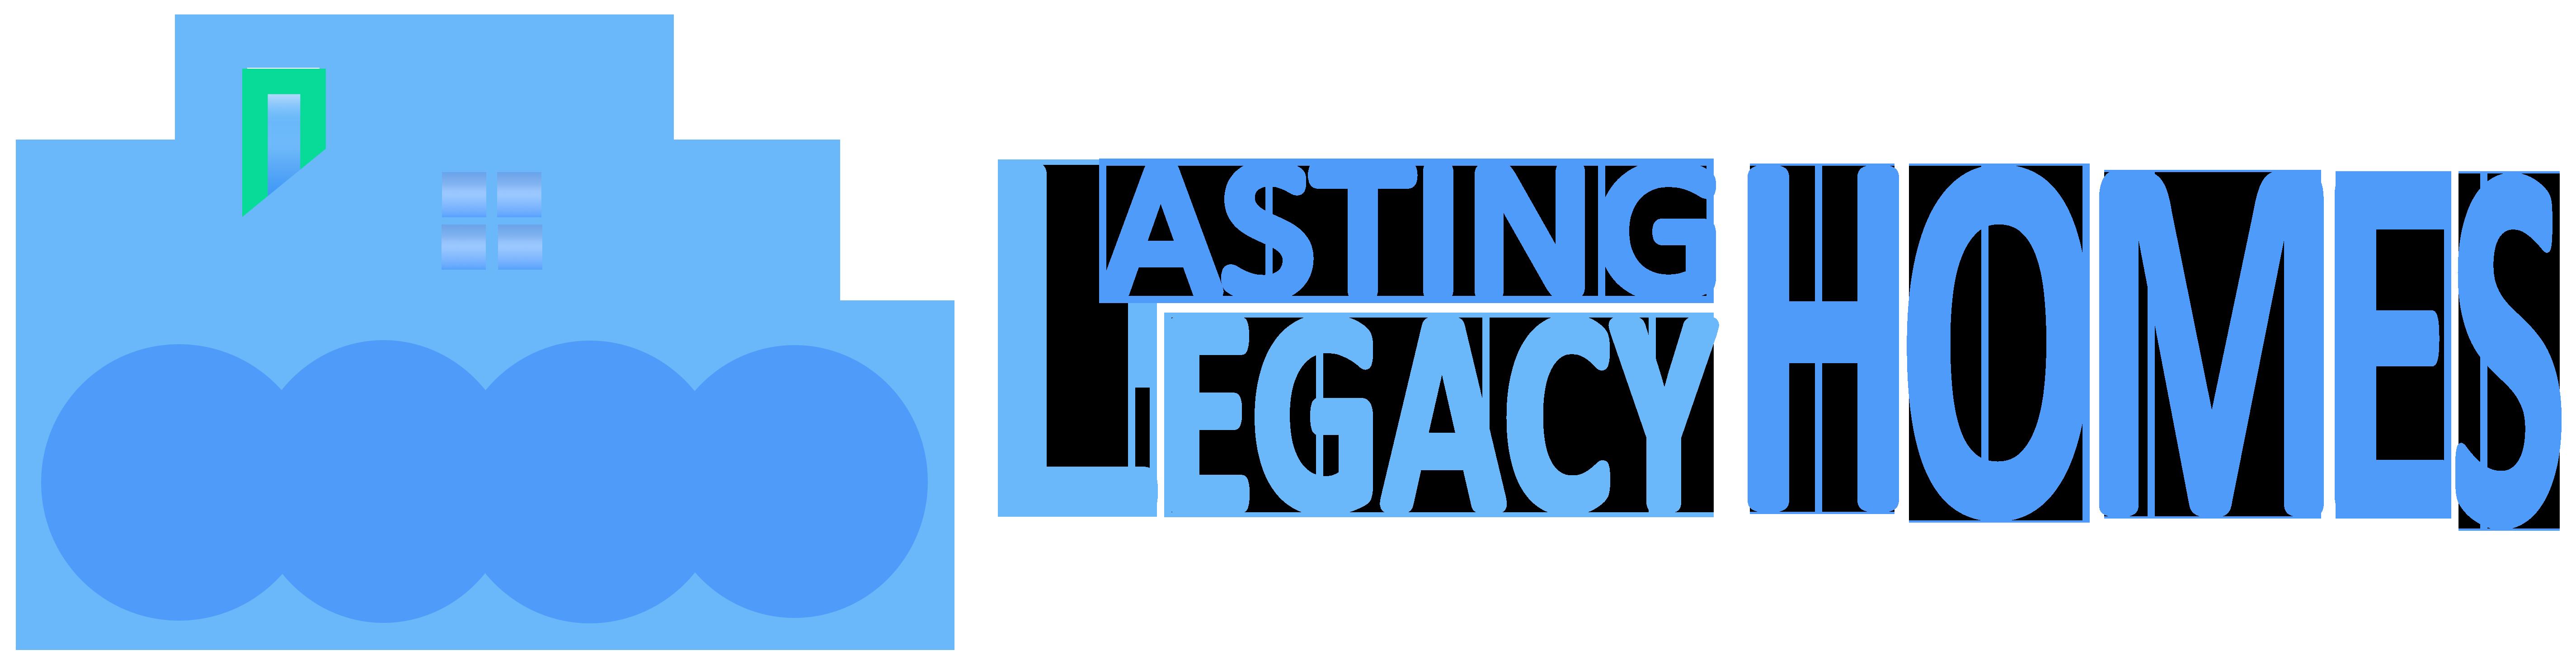 Lasting Legacy Homes